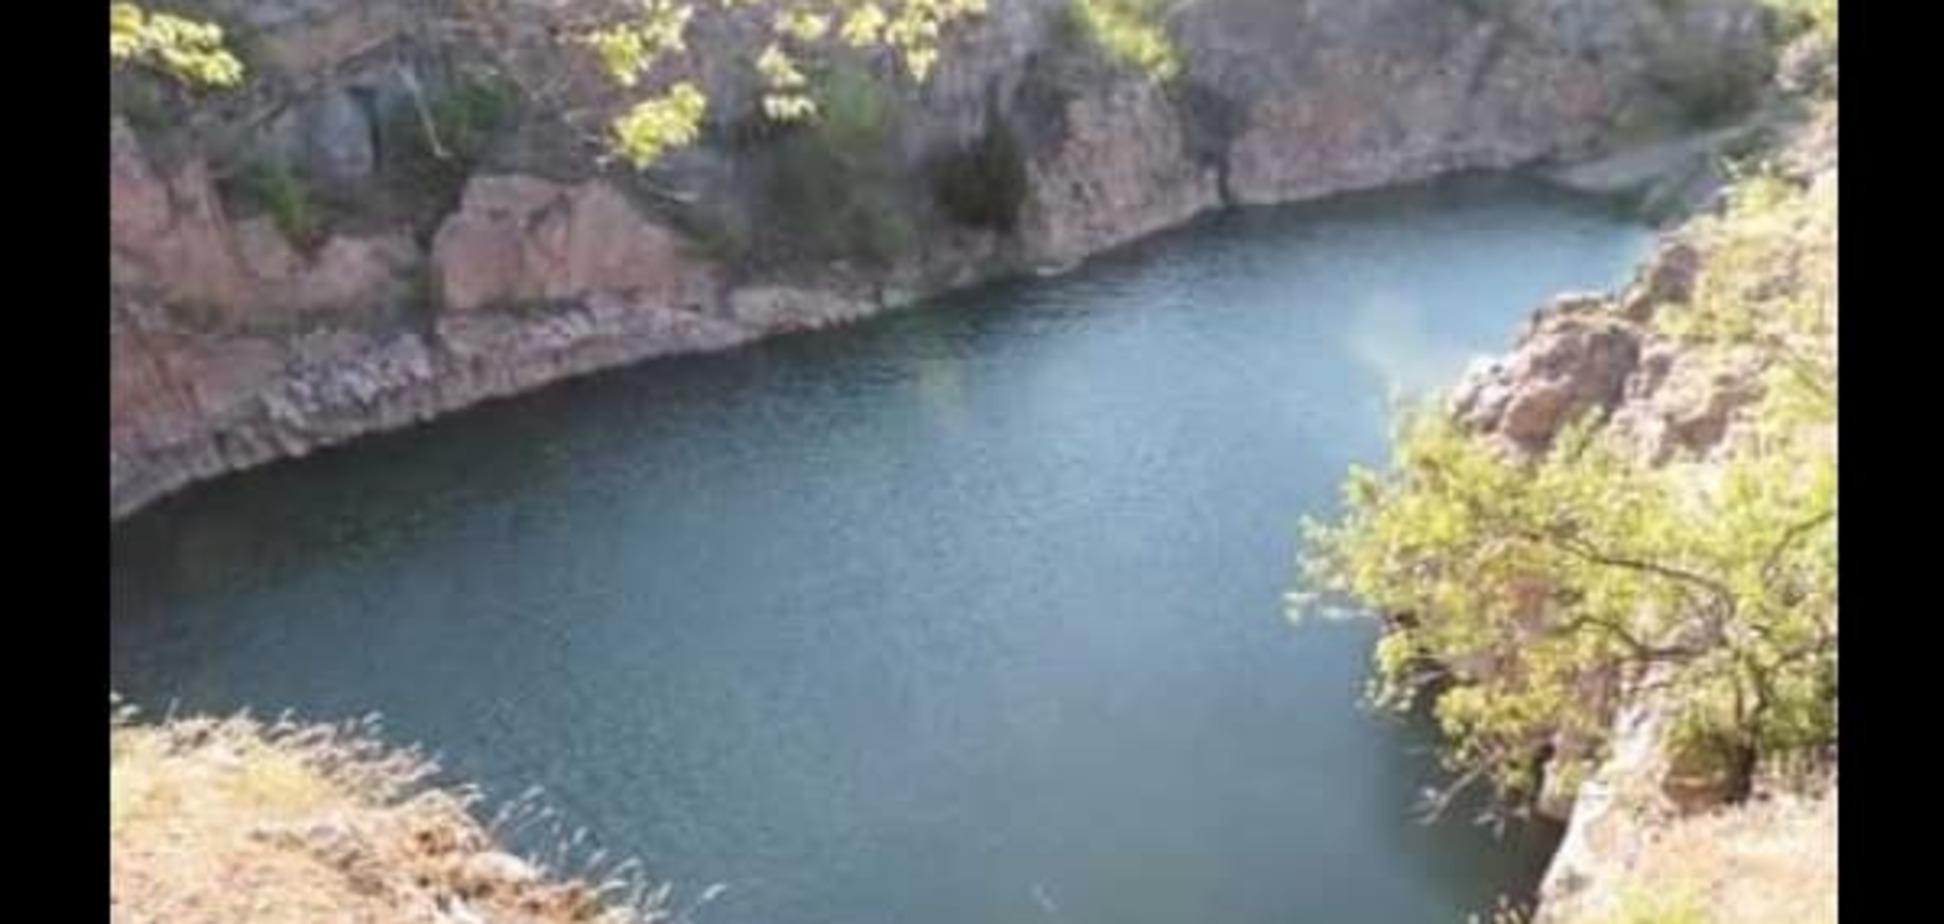 Как в Аризоне: в Украине есть свой 'Большой каньон' в Запорожской области